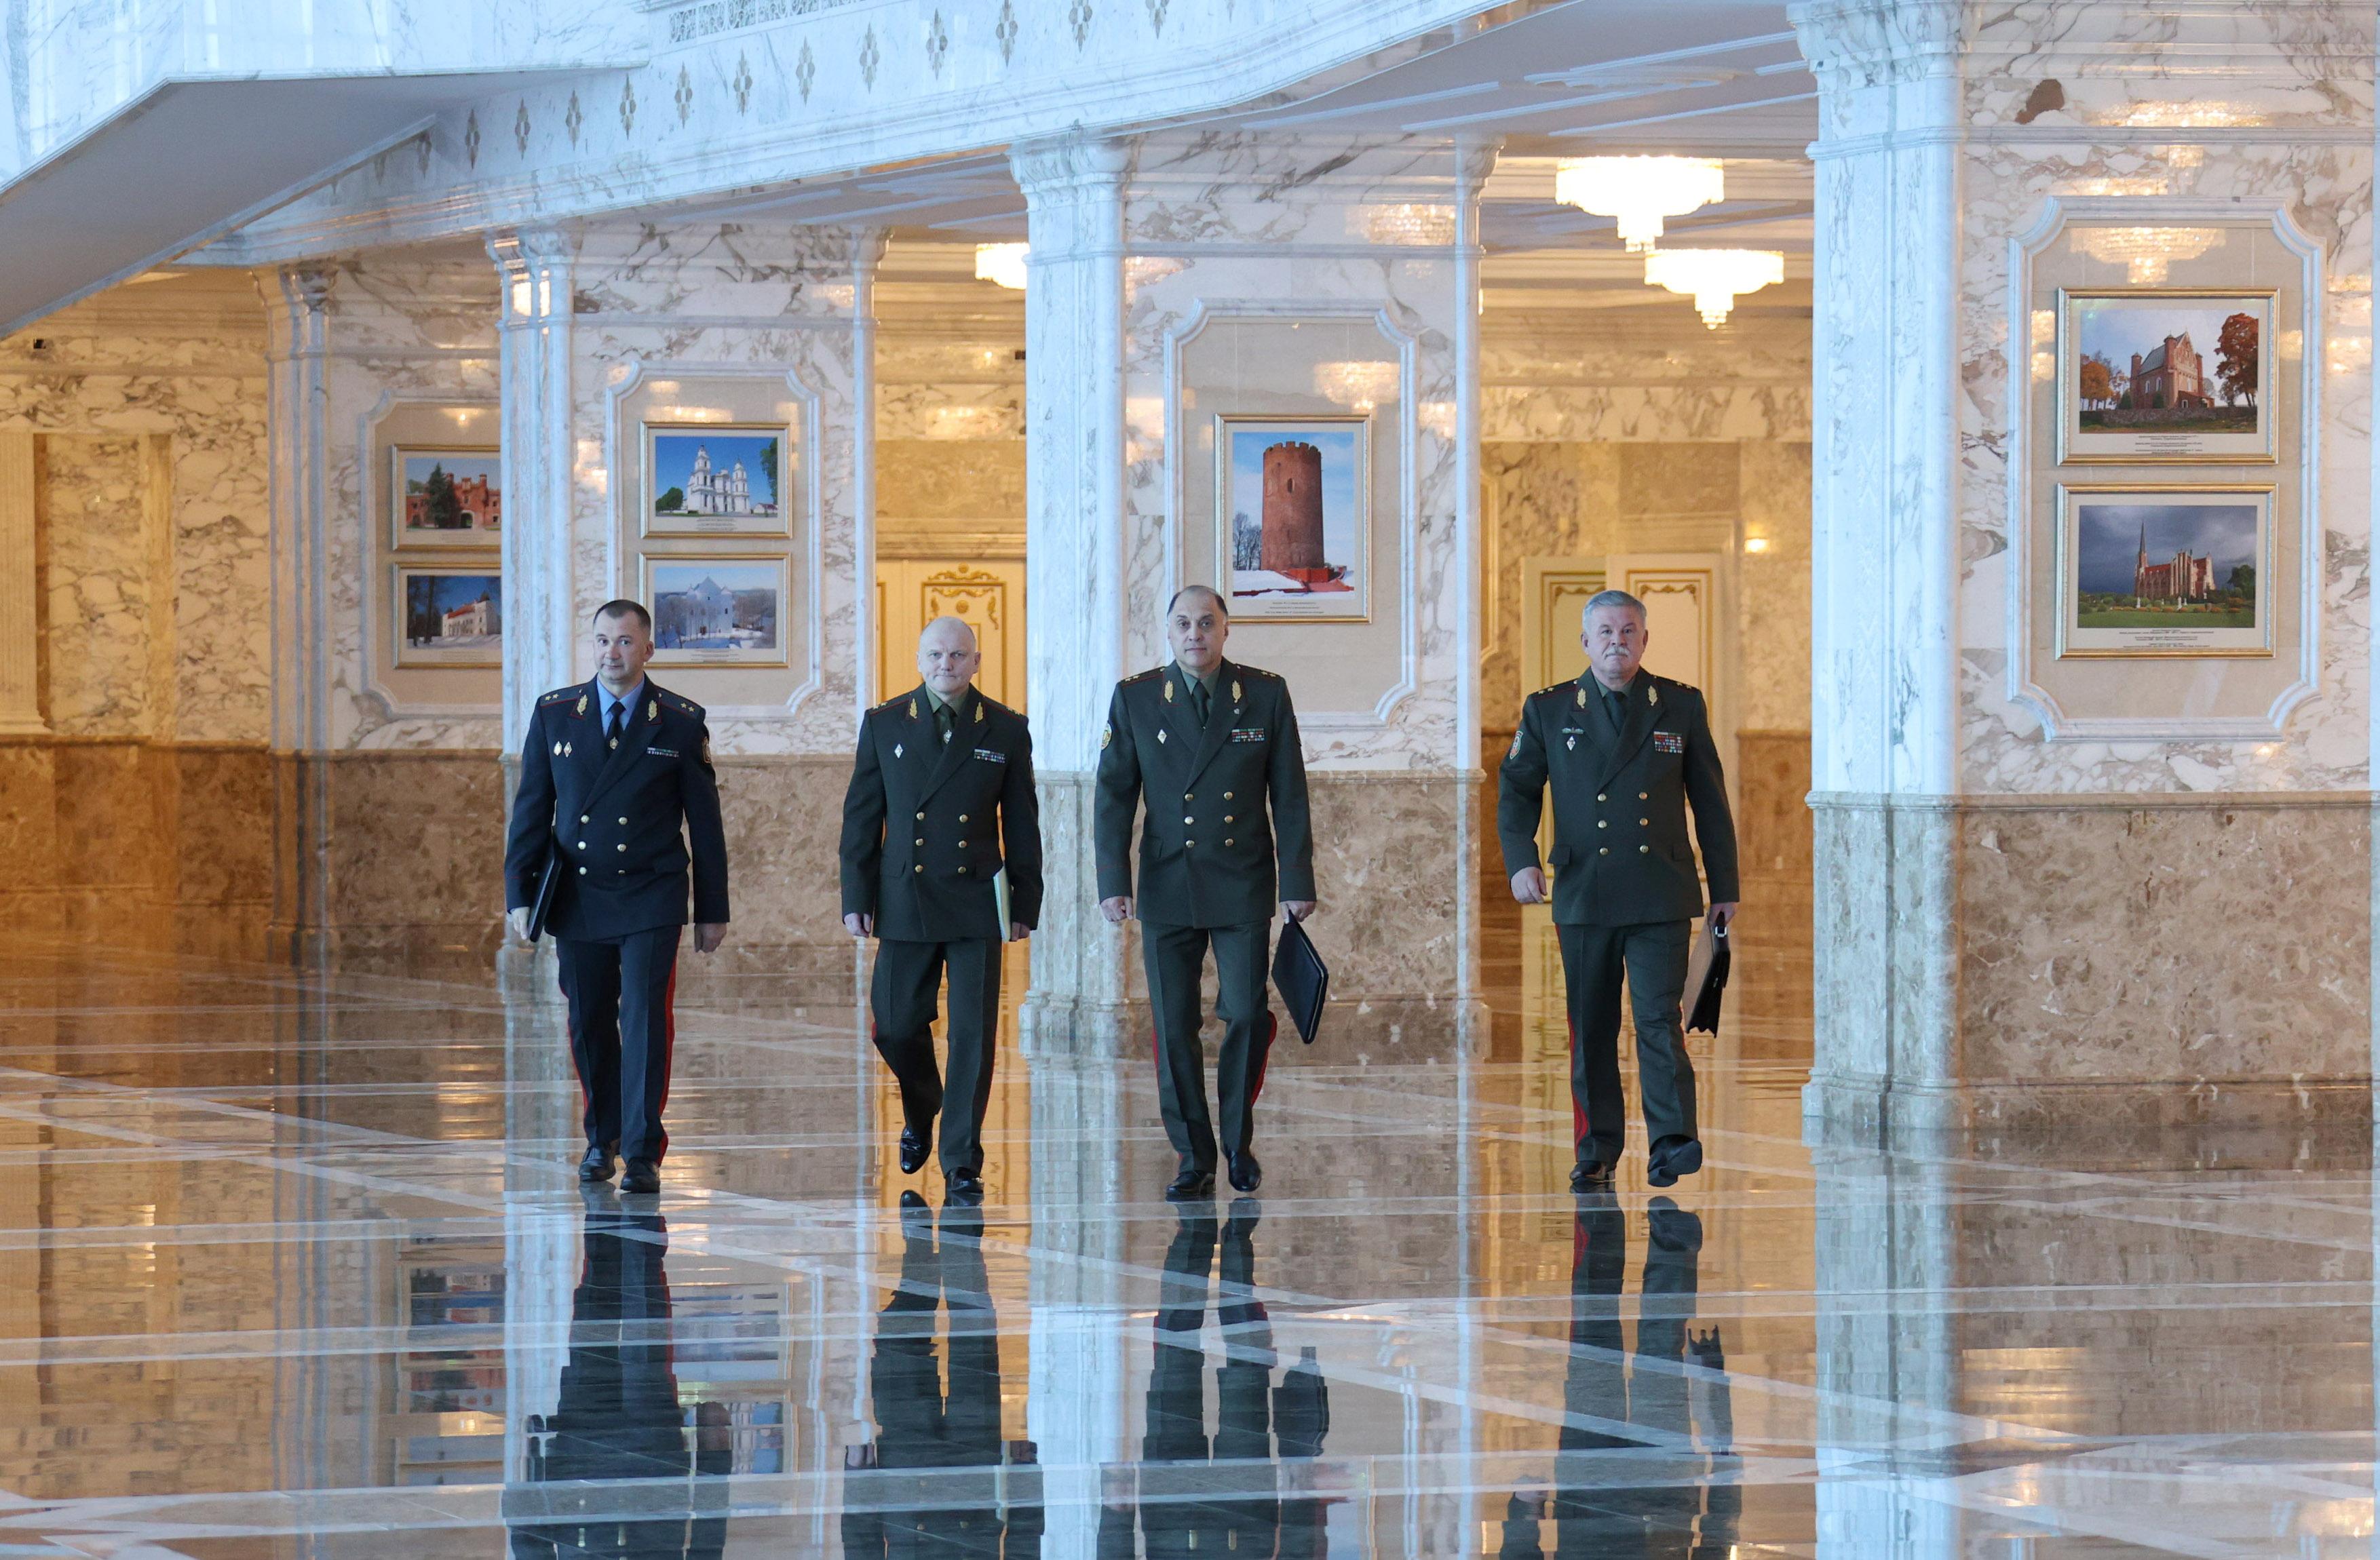 El jefe del Comité Estatal de Fronteras, Anatoly Lappo, el Secretario de Estado del Consejo de Seguridad de Bielorrusia, Alexander Volfovich, el Presidente del Comité de Seguridad del Estado, Ivan Tertel, y el Ministro del Interior de Bielorrusia, Ivan Kubrakov, camina para reunirse con el presidente bielorruso Alexander Lukashenko en Minsk, Bielorrusia Septiembre 27 de febrero de 2021. Maxim Guchek / BelTA / Handout via REUTERS